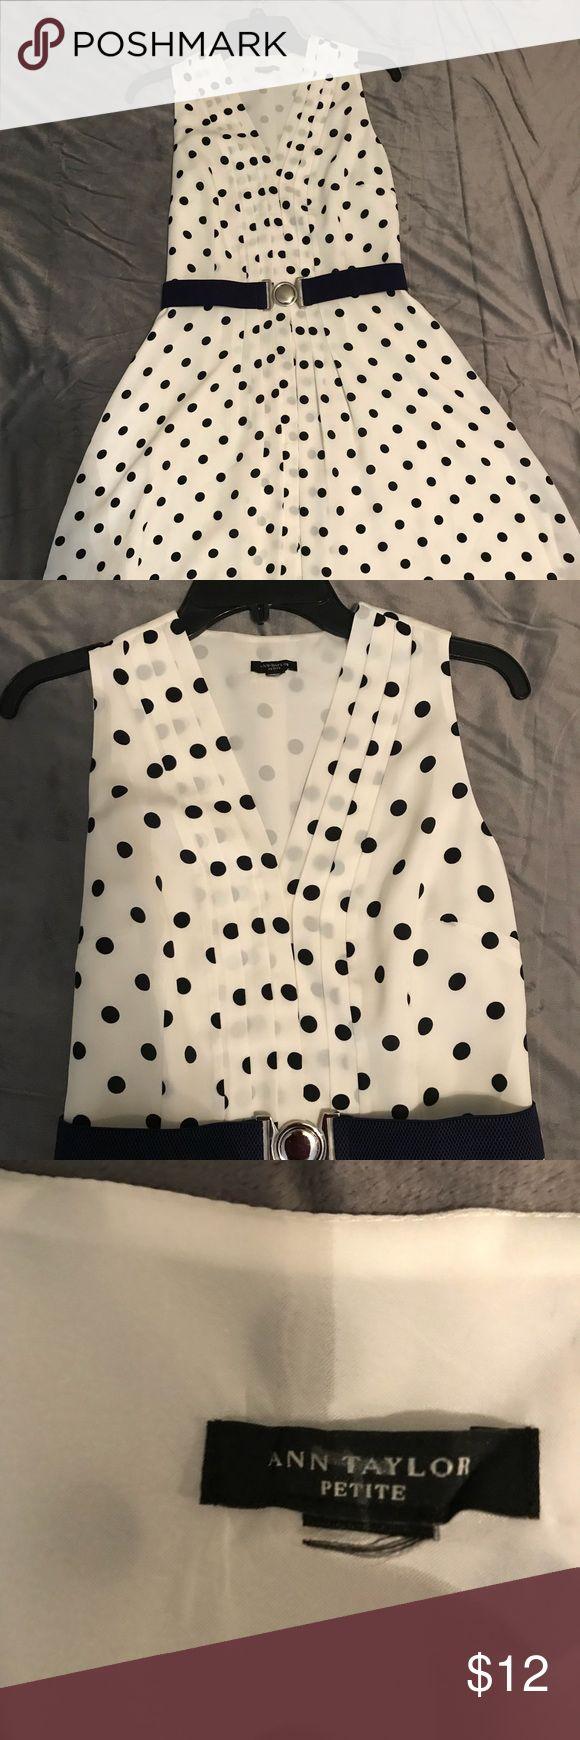 Ann Taylor Petite Dress Ann Taylor polka dot dress. Petite. Size 8. Reposh (I am not petite:) Good condition. Ann Taylor Dresses Midi